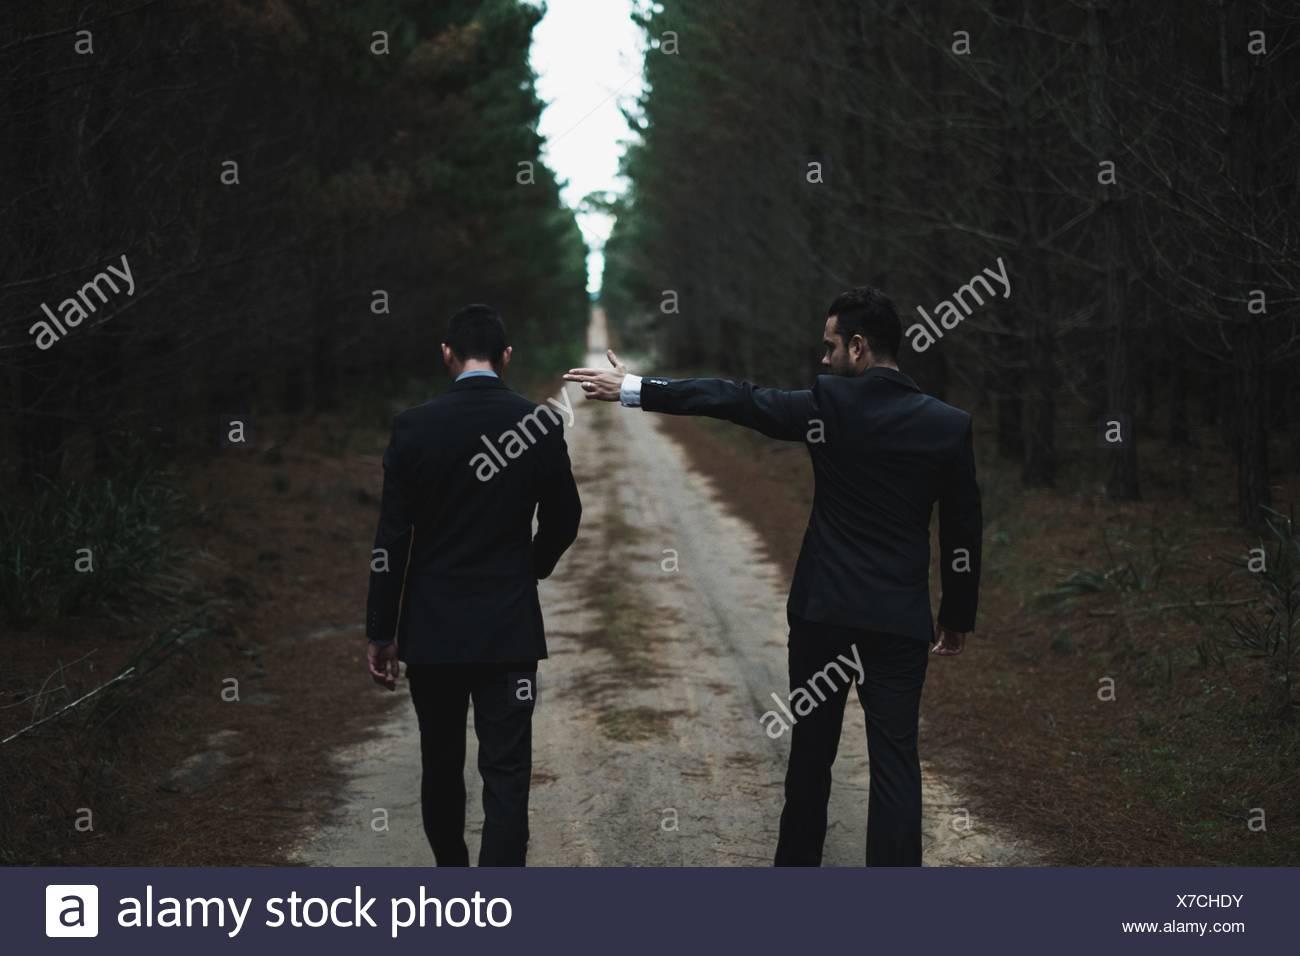 El hombre señalando con el dedo a otro hombre Foto de stock